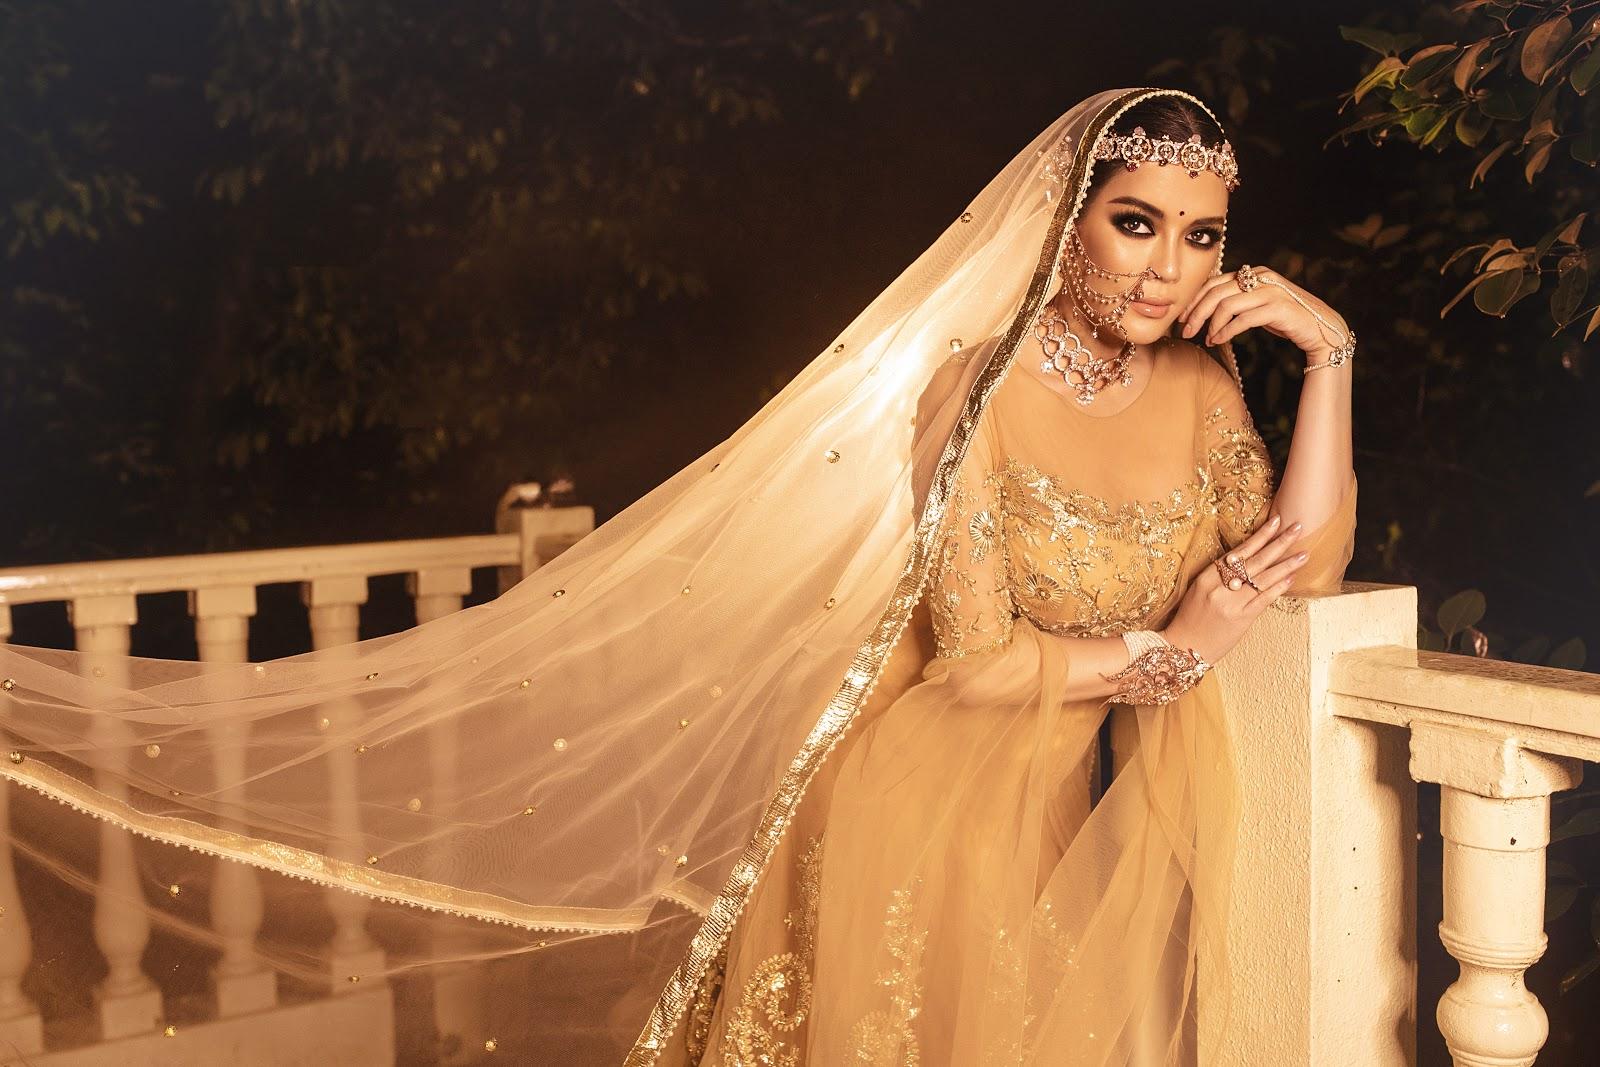 Lý Nhã Kỳ diện váy vàng 18k, đeo trang sức kim cương trong ngày sinh nhật thứ 4 của bố nuôi tỉ phú Ấn Độ - Hình 2